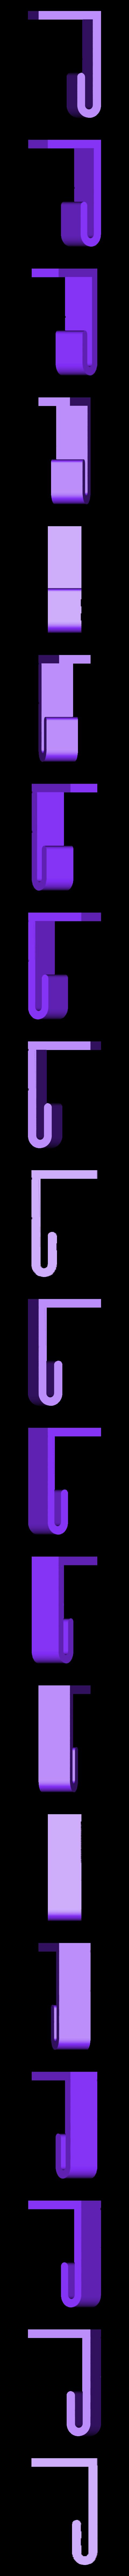 WheelieBin_Liner_Clip_Front.stl Télécharger fichier STL gratuit Clips de doublure Wheelie-Bin Liner Clips • Design pour impression 3D, shawnrchq